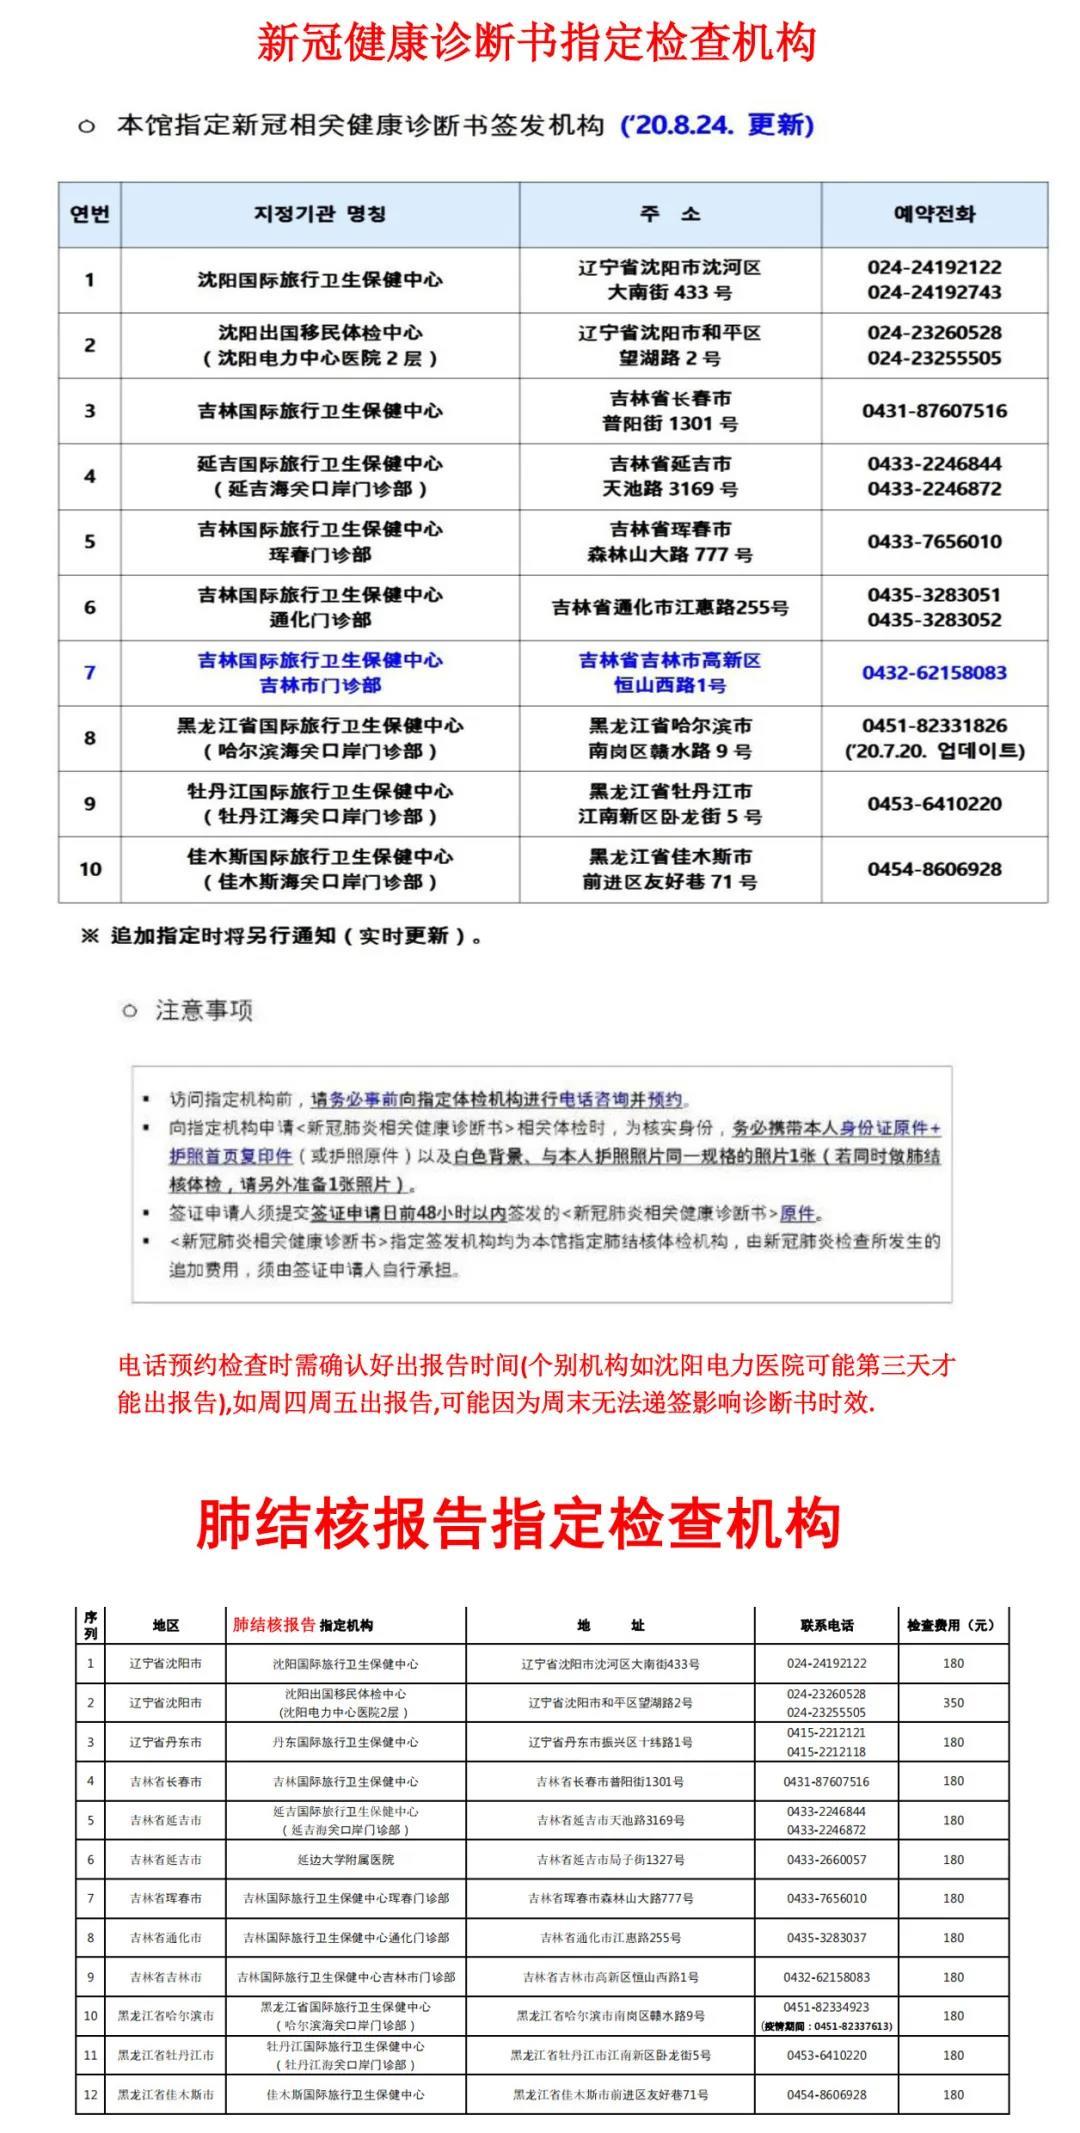 肺结核检测报告+新冠肺炎诊断书,领馆指定检测机构名单